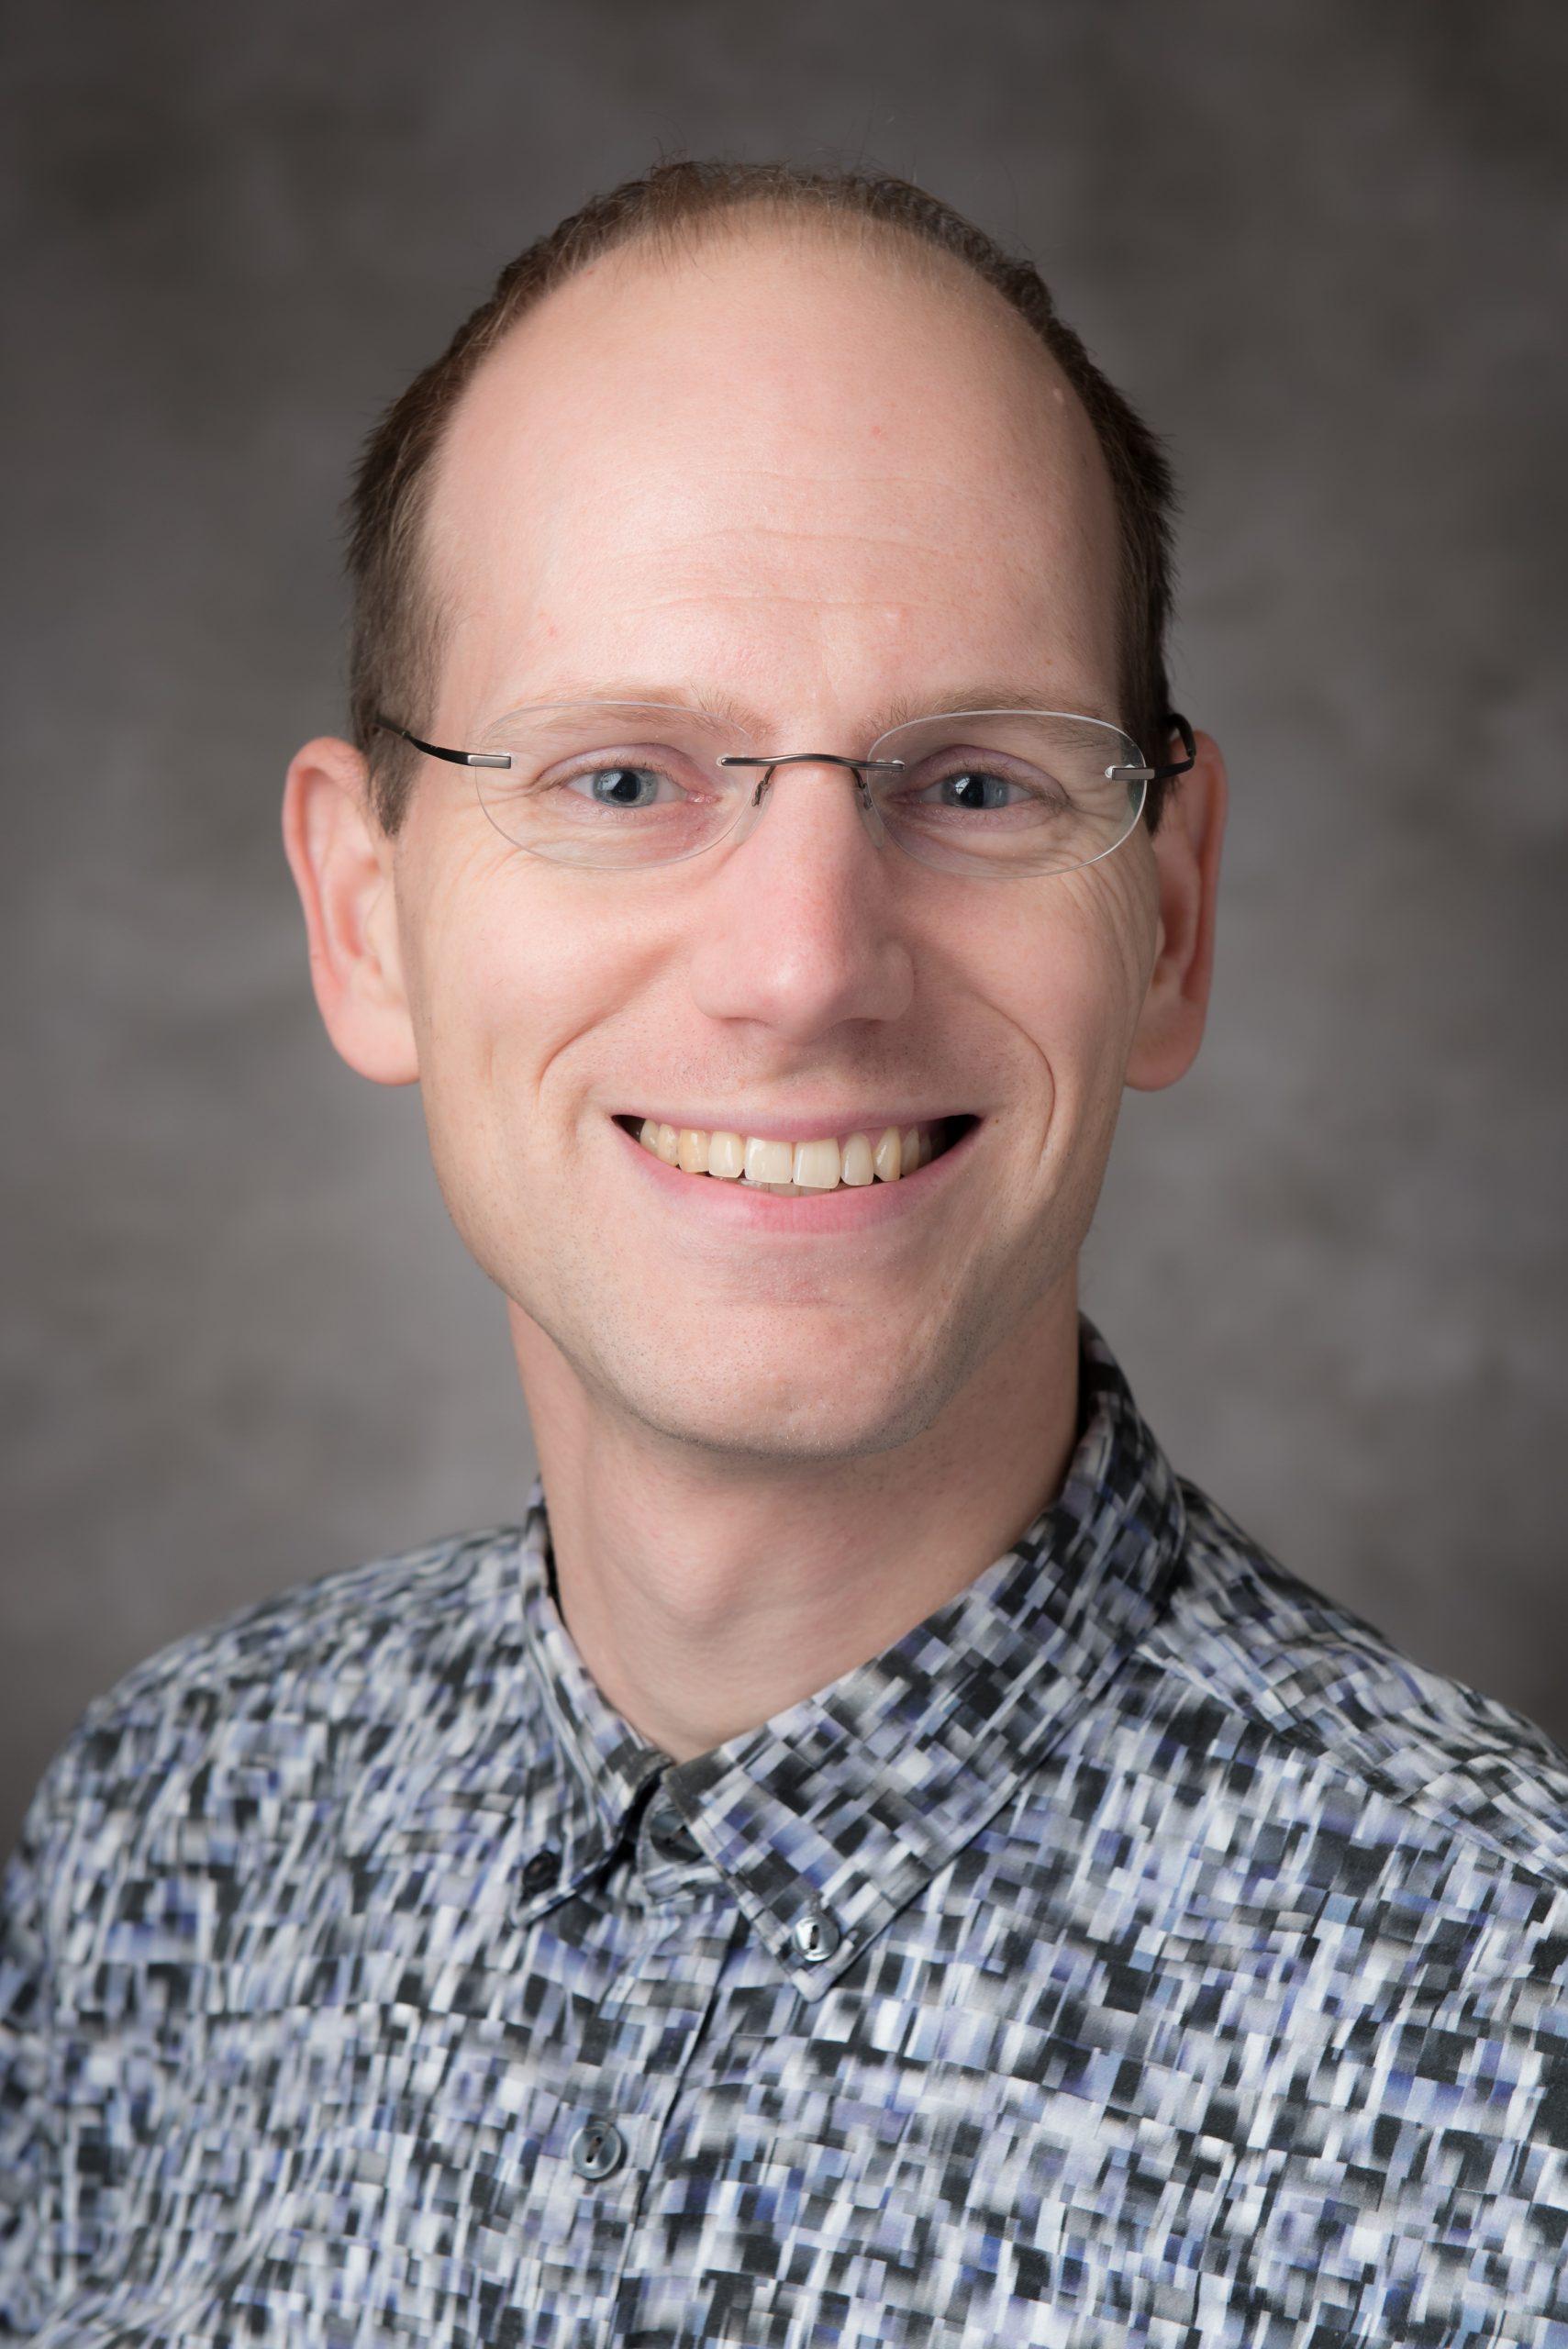 Dr. Adiel A. Klompmaker